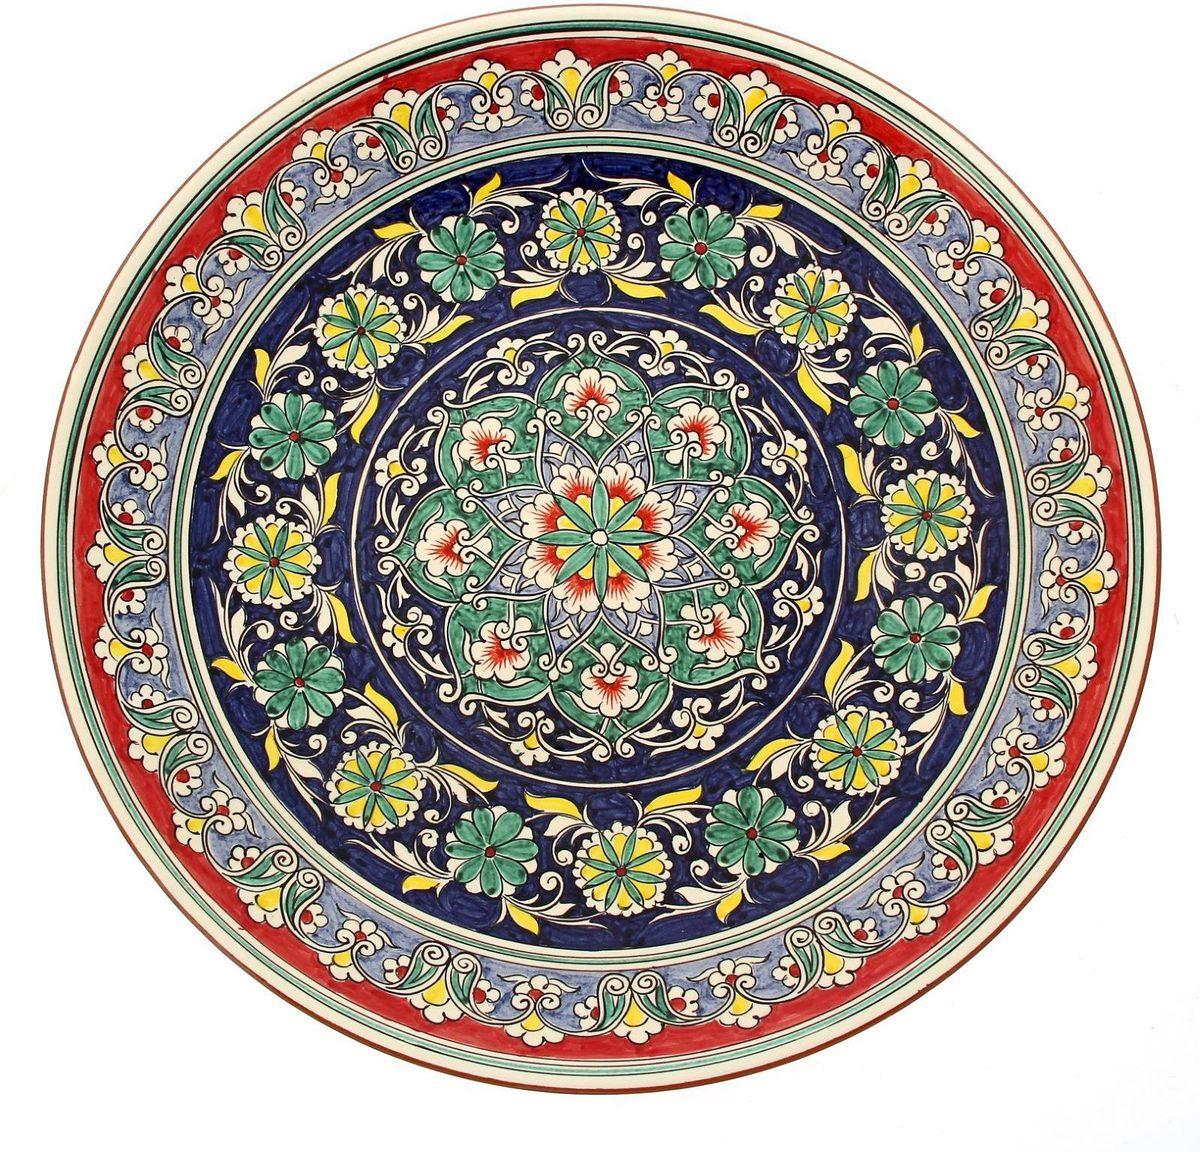 Ляган Риштанская керамика, диаметр 41 см. 19234811923481Ляган — это не просто обеденный атрибут, это украшение стола. Посуда с национальной росписью станет отменным подарком для ценителей высокородной посуды.Риштан — город на востоке Узбекистана, один из древнейших в Ферганской долине. С давних времён Риштан славится своим гончарным искусством изготовления цветной керамики. Красноватую глину для изделия добывают в самом городе. Мастера утверждают, что их глина настолько высокого качества, что даже не нуждается в предварительной обработке. Дополните коллекцию кухонных аксессуаров пряными восточными нотами.